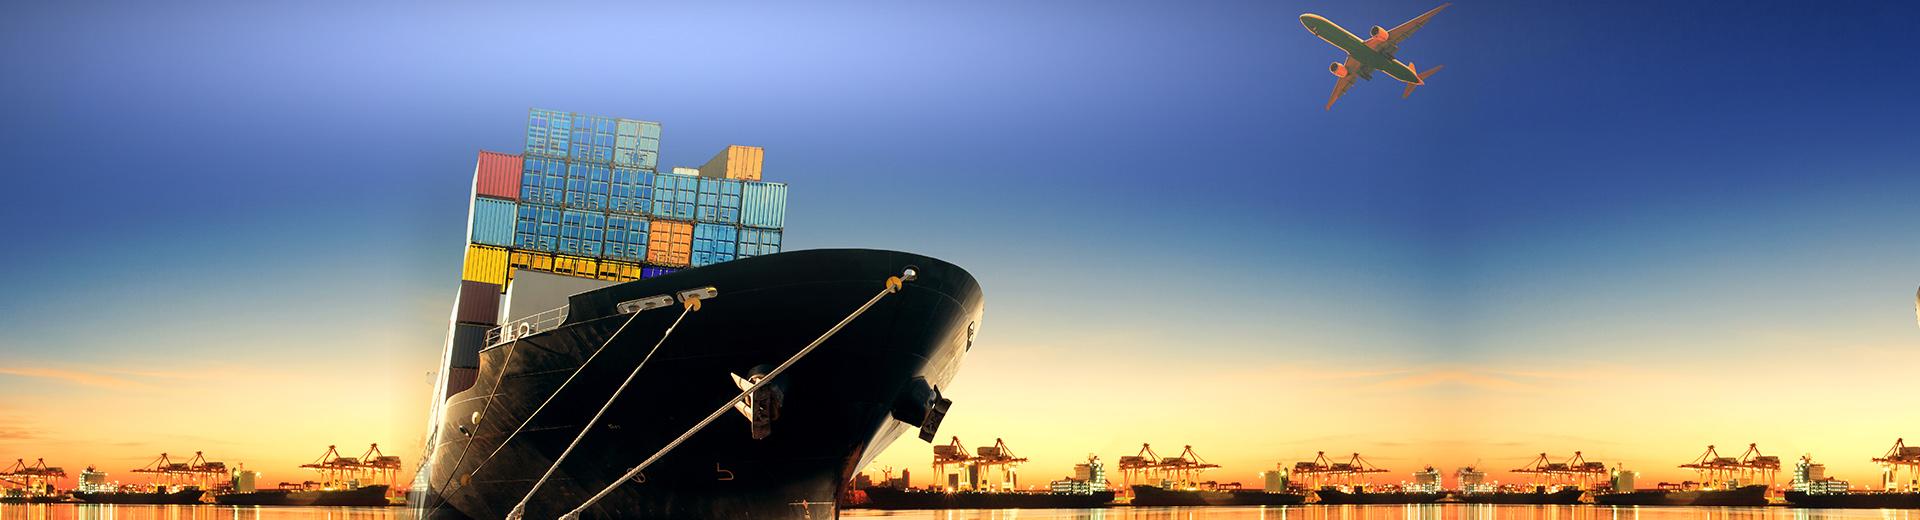 吉尔吉斯斯坦海运关税起征点_进口关税查询关税计算方法_海关编码查询